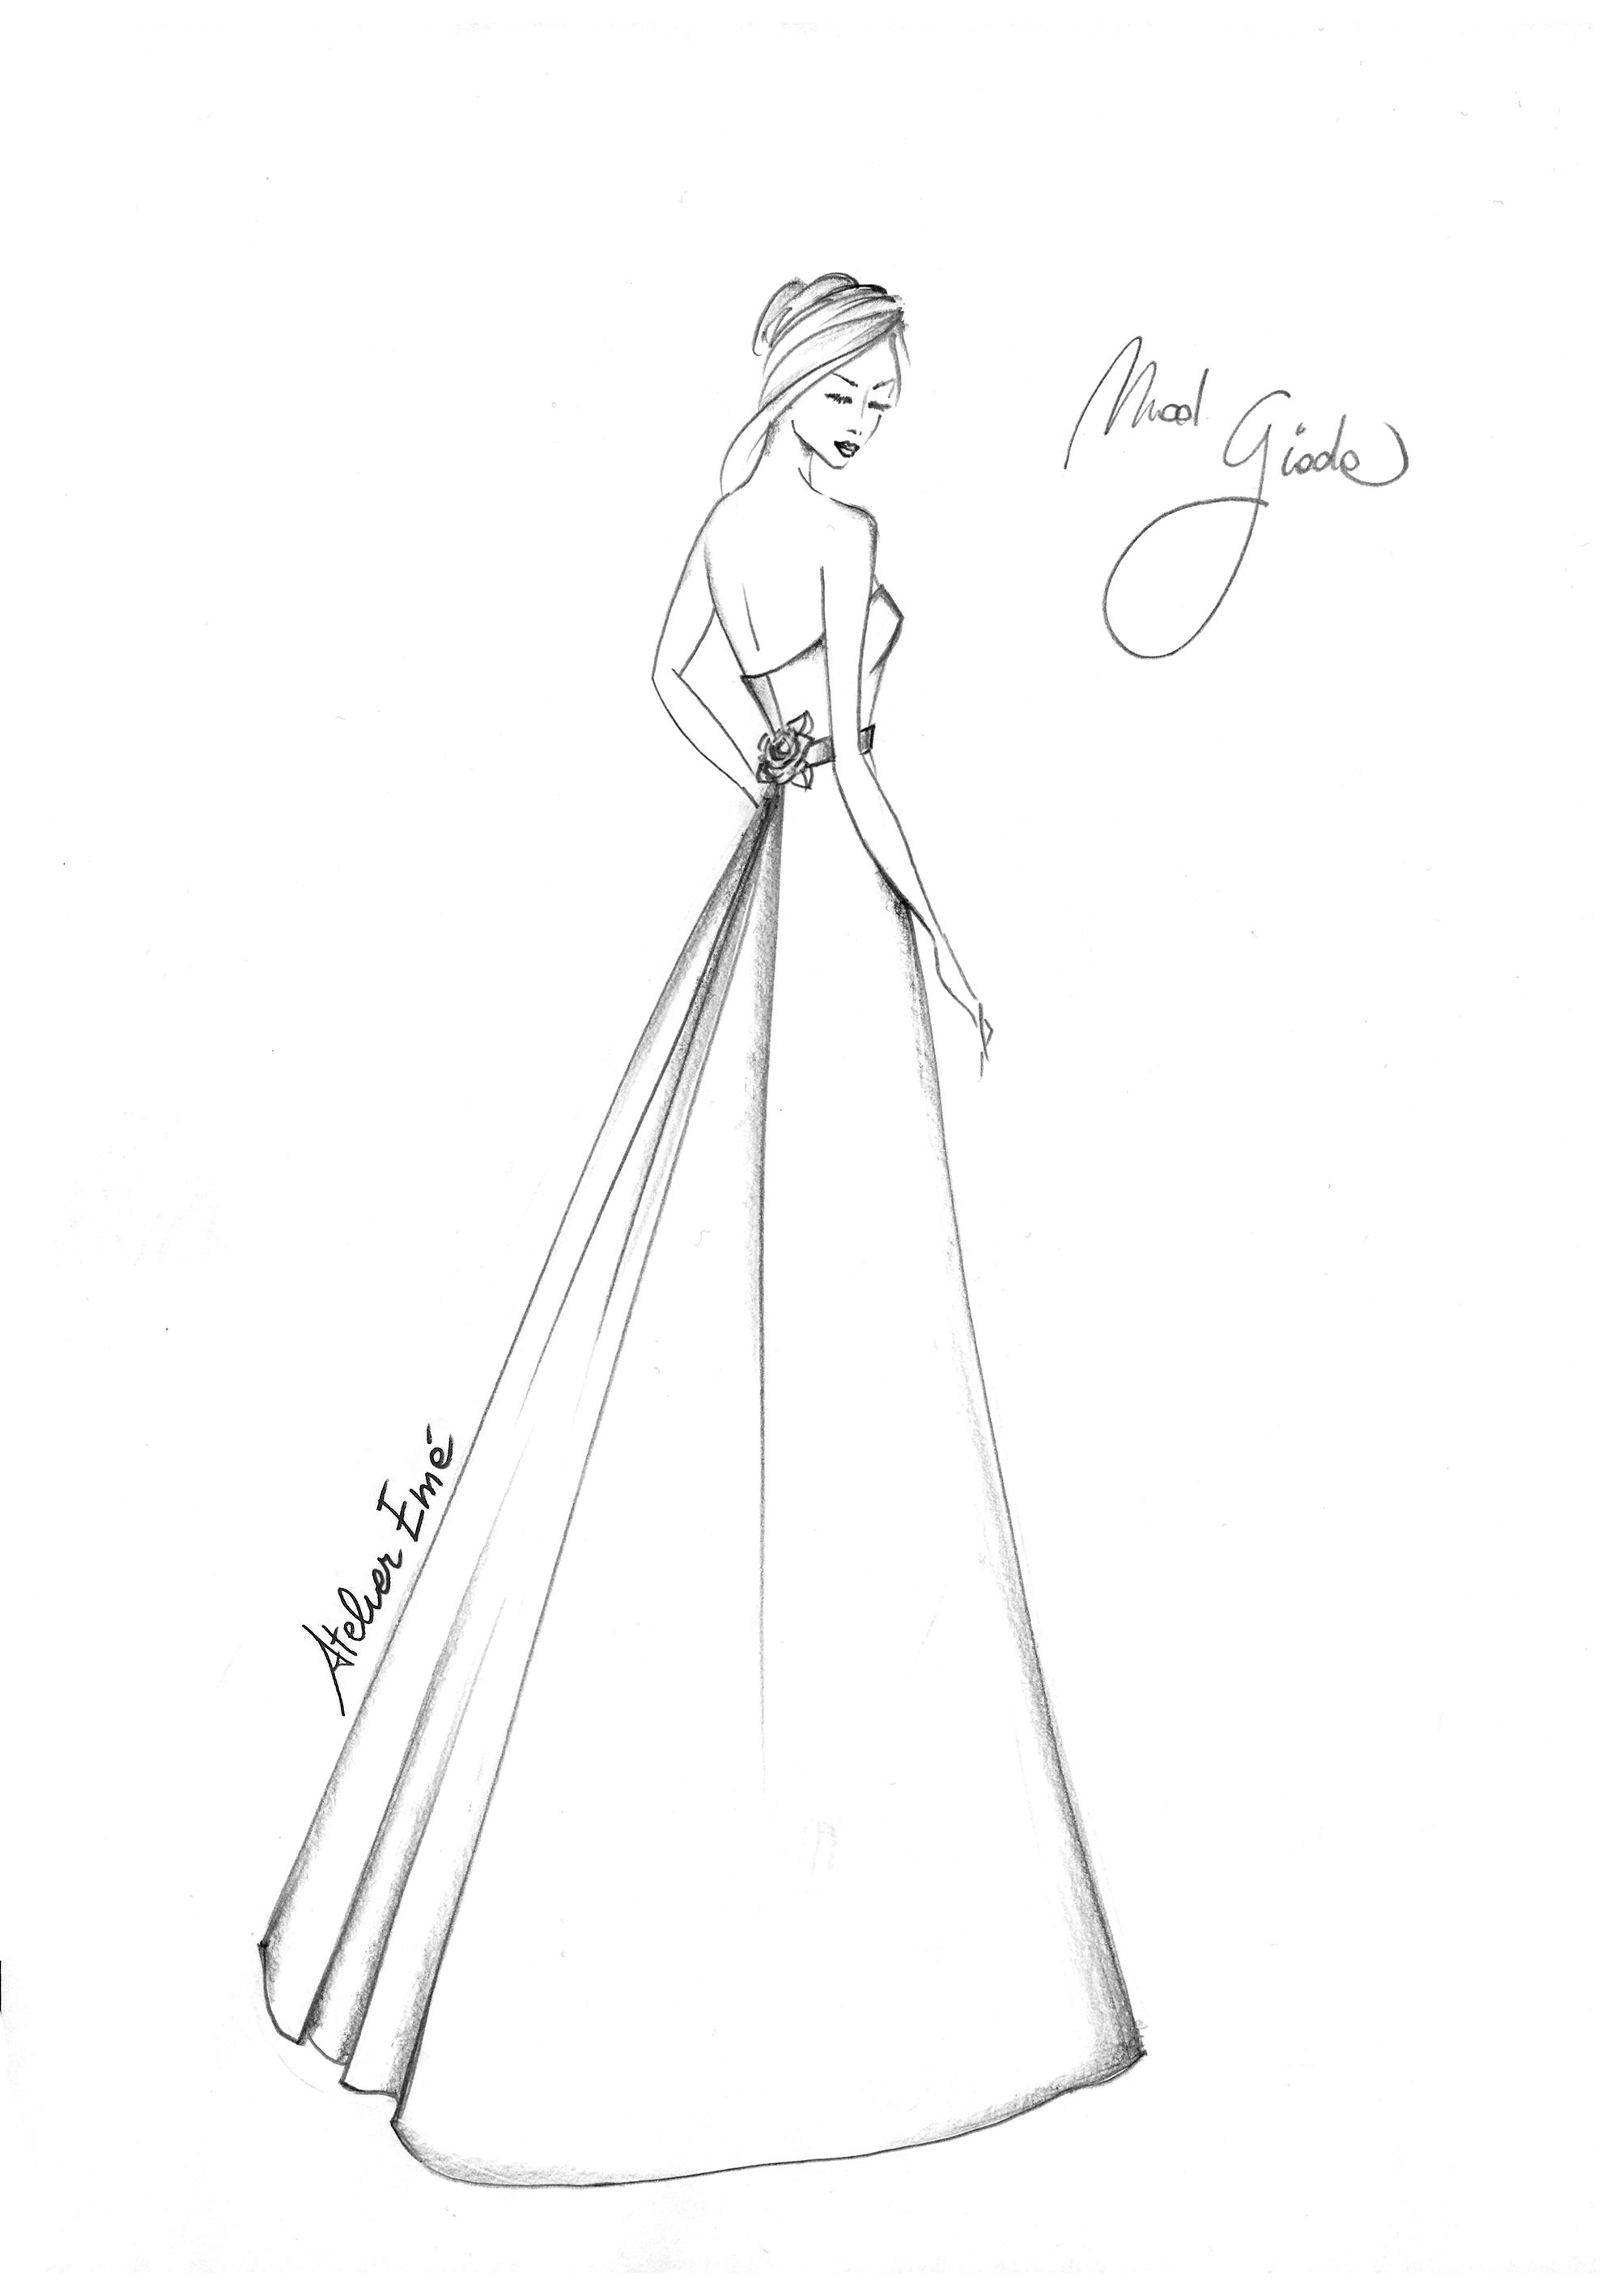 Disegni Di Moda Da Colorare.Giada Atelier Eme Illustrazioni Fashion Design Schizzi Illustrazioni Di Moda